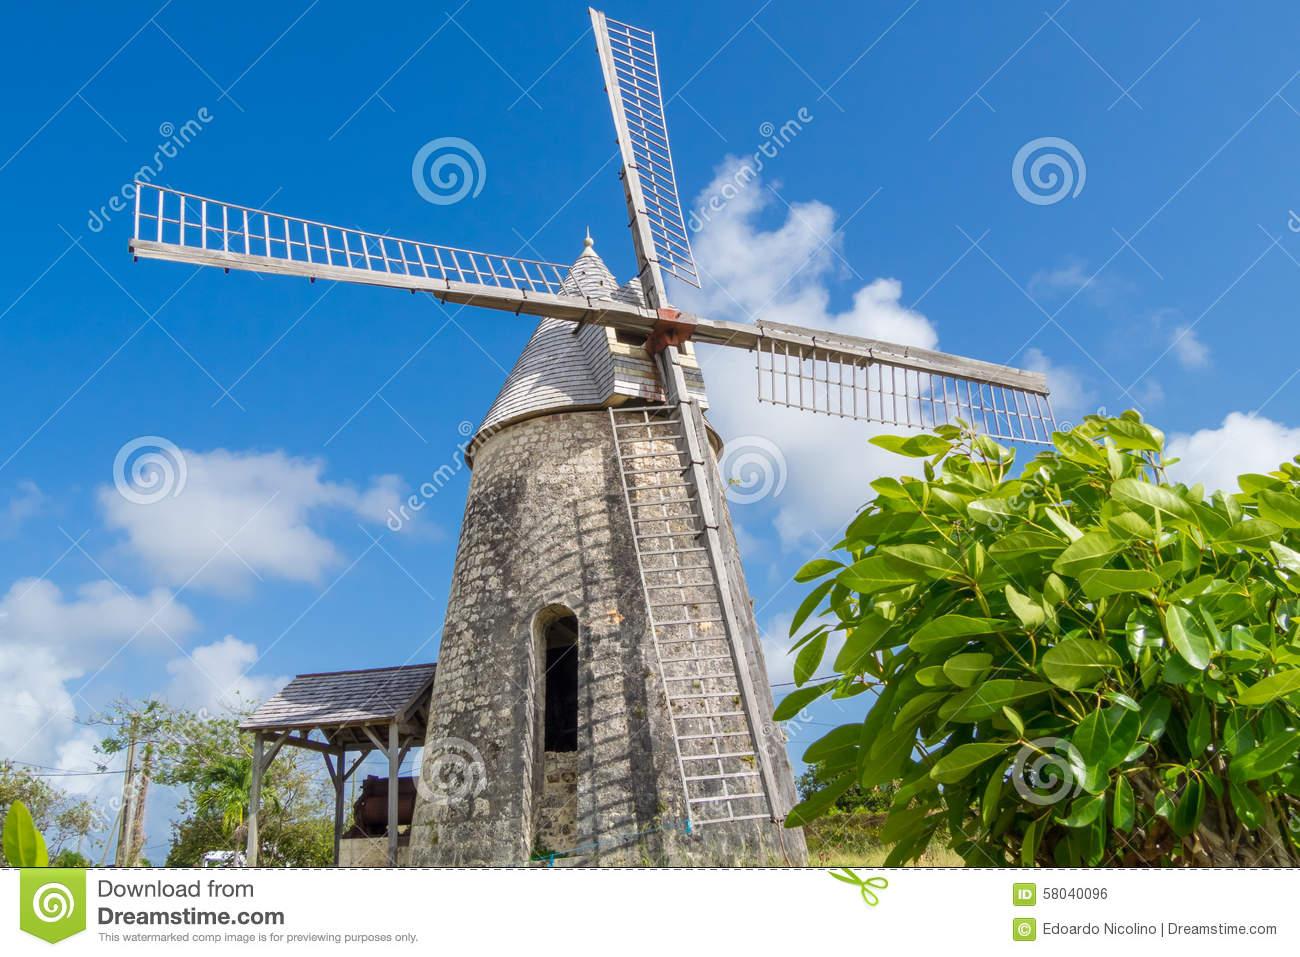 Old Windmill Of Bezard In Marie.